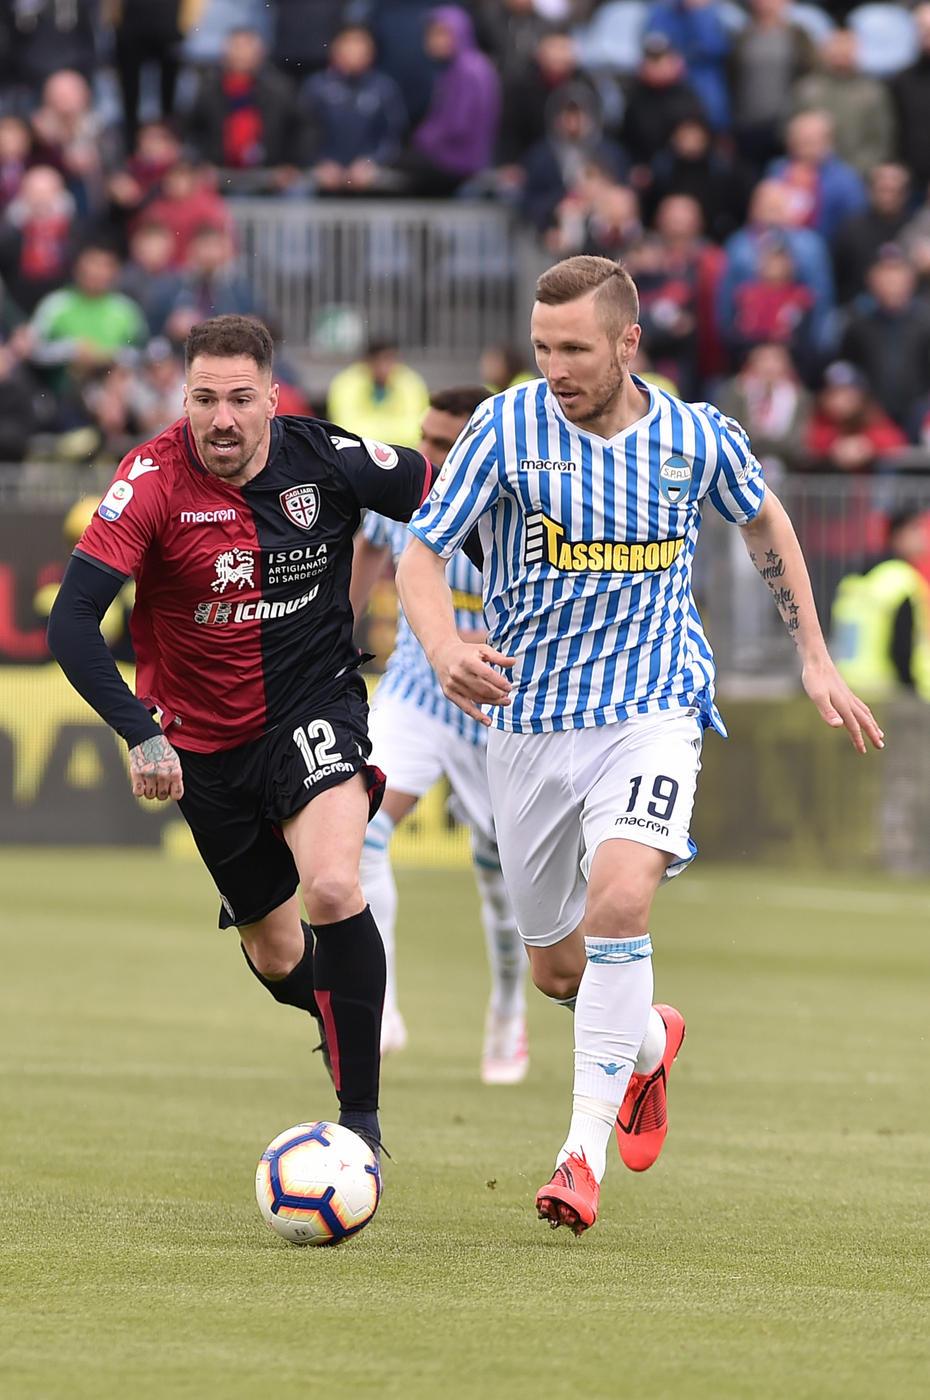 Il Cagliari batte 2-1 la Spal e vede la salvezza vicina.